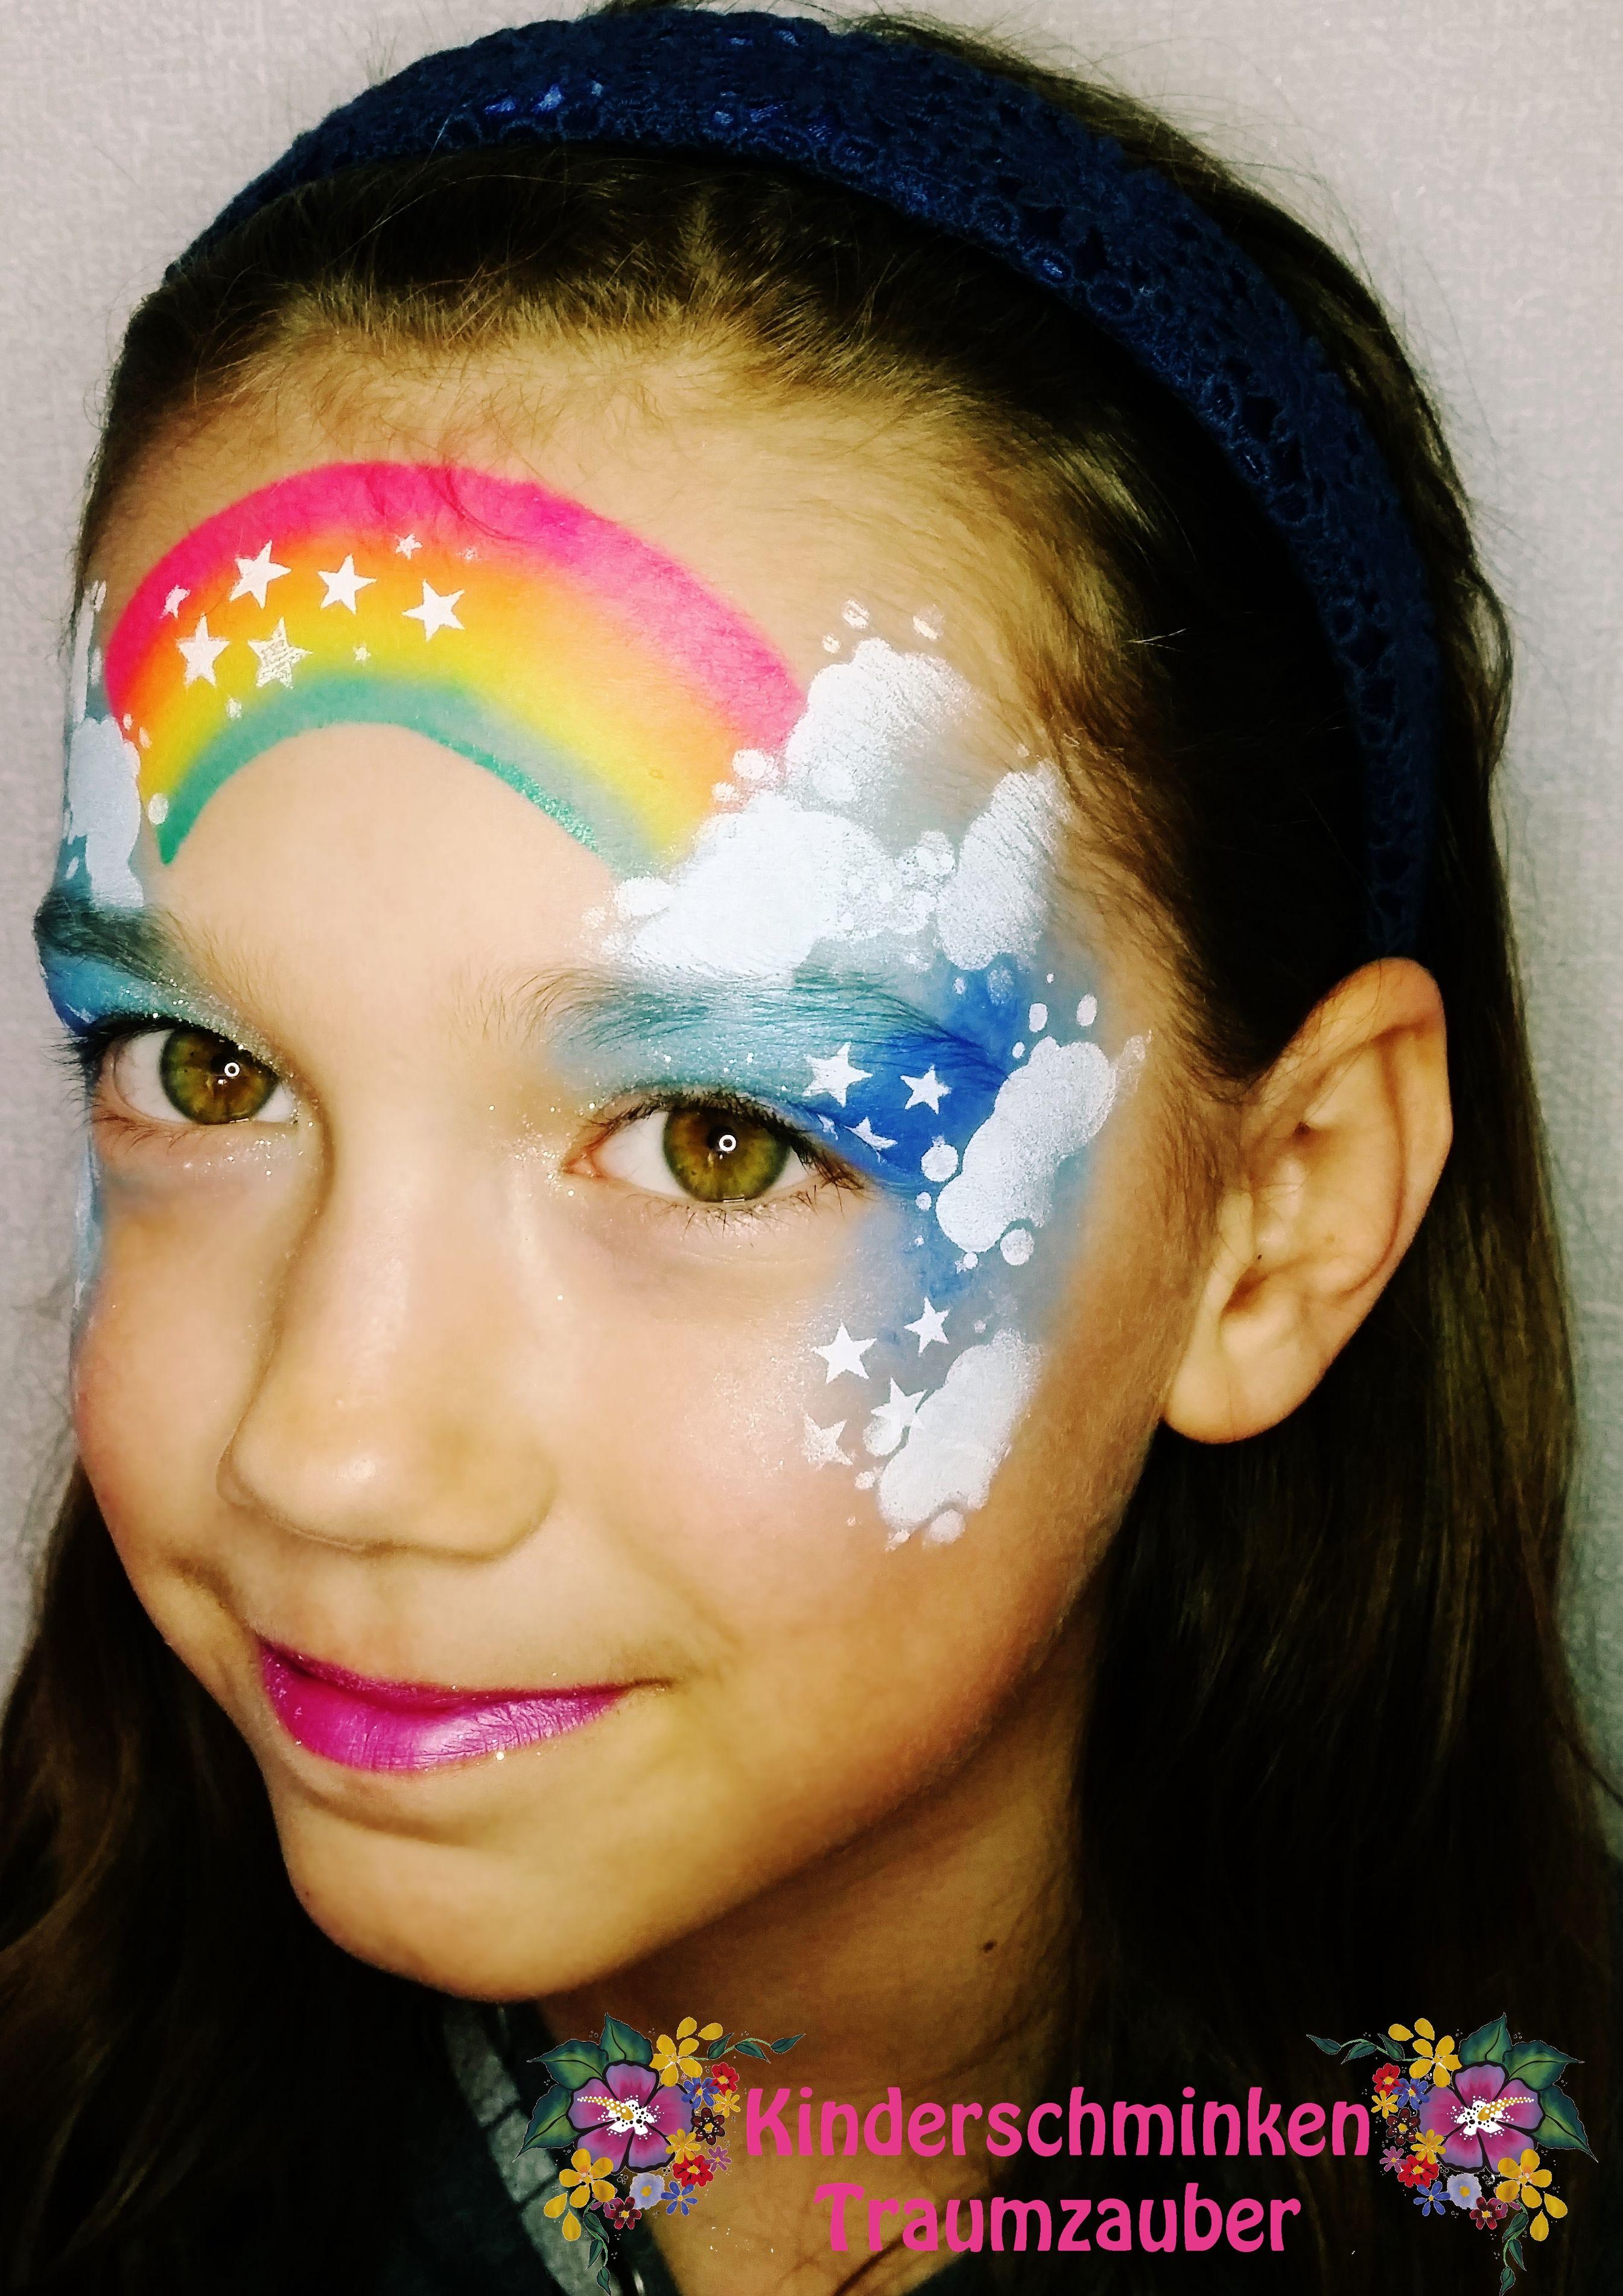 rainbow by kinderschminken traumzauber kinderschminken facepainting regenbogen rainbow. Black Bedroom Furniture Sets. Home Design Ideas